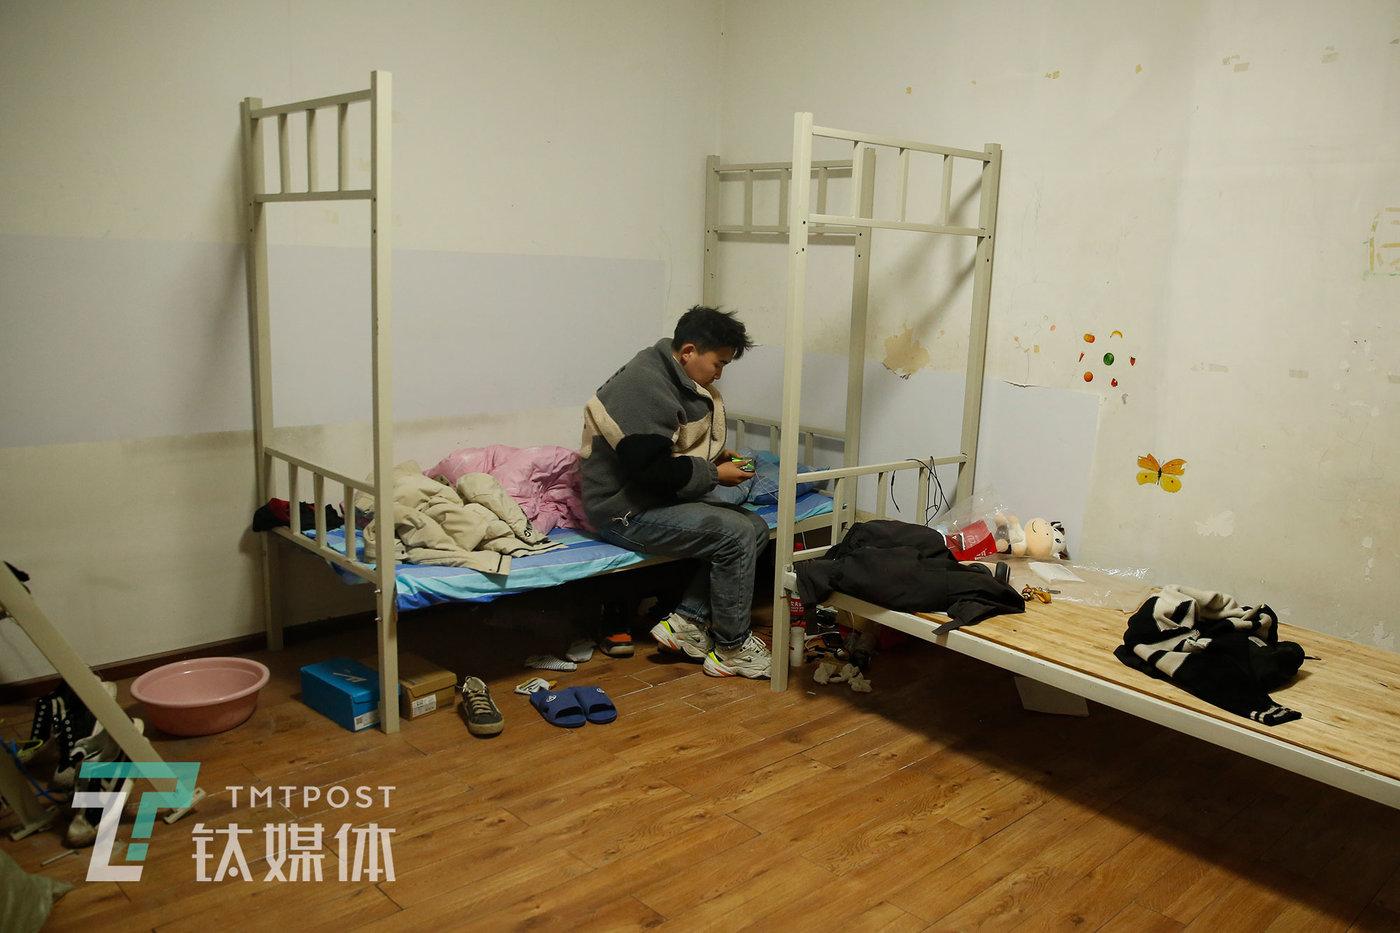 刘灏下班后回到宿舍休息。